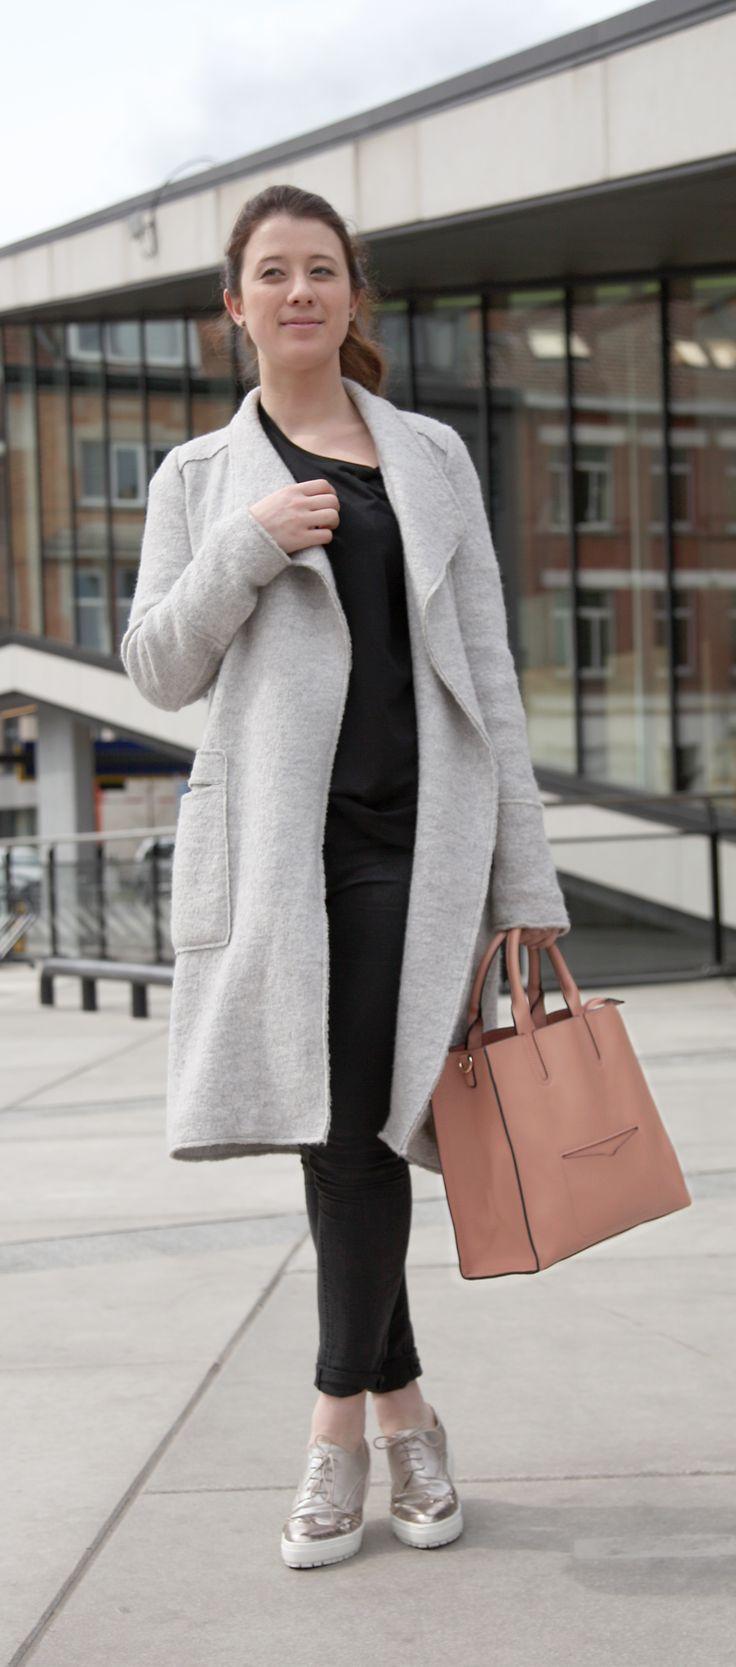 Zwarte jeans + zwart basic T-shirt + grijze wollen jas = de perfecte look voor een elegant paar veterschoenen | s.Oliver | Brantano